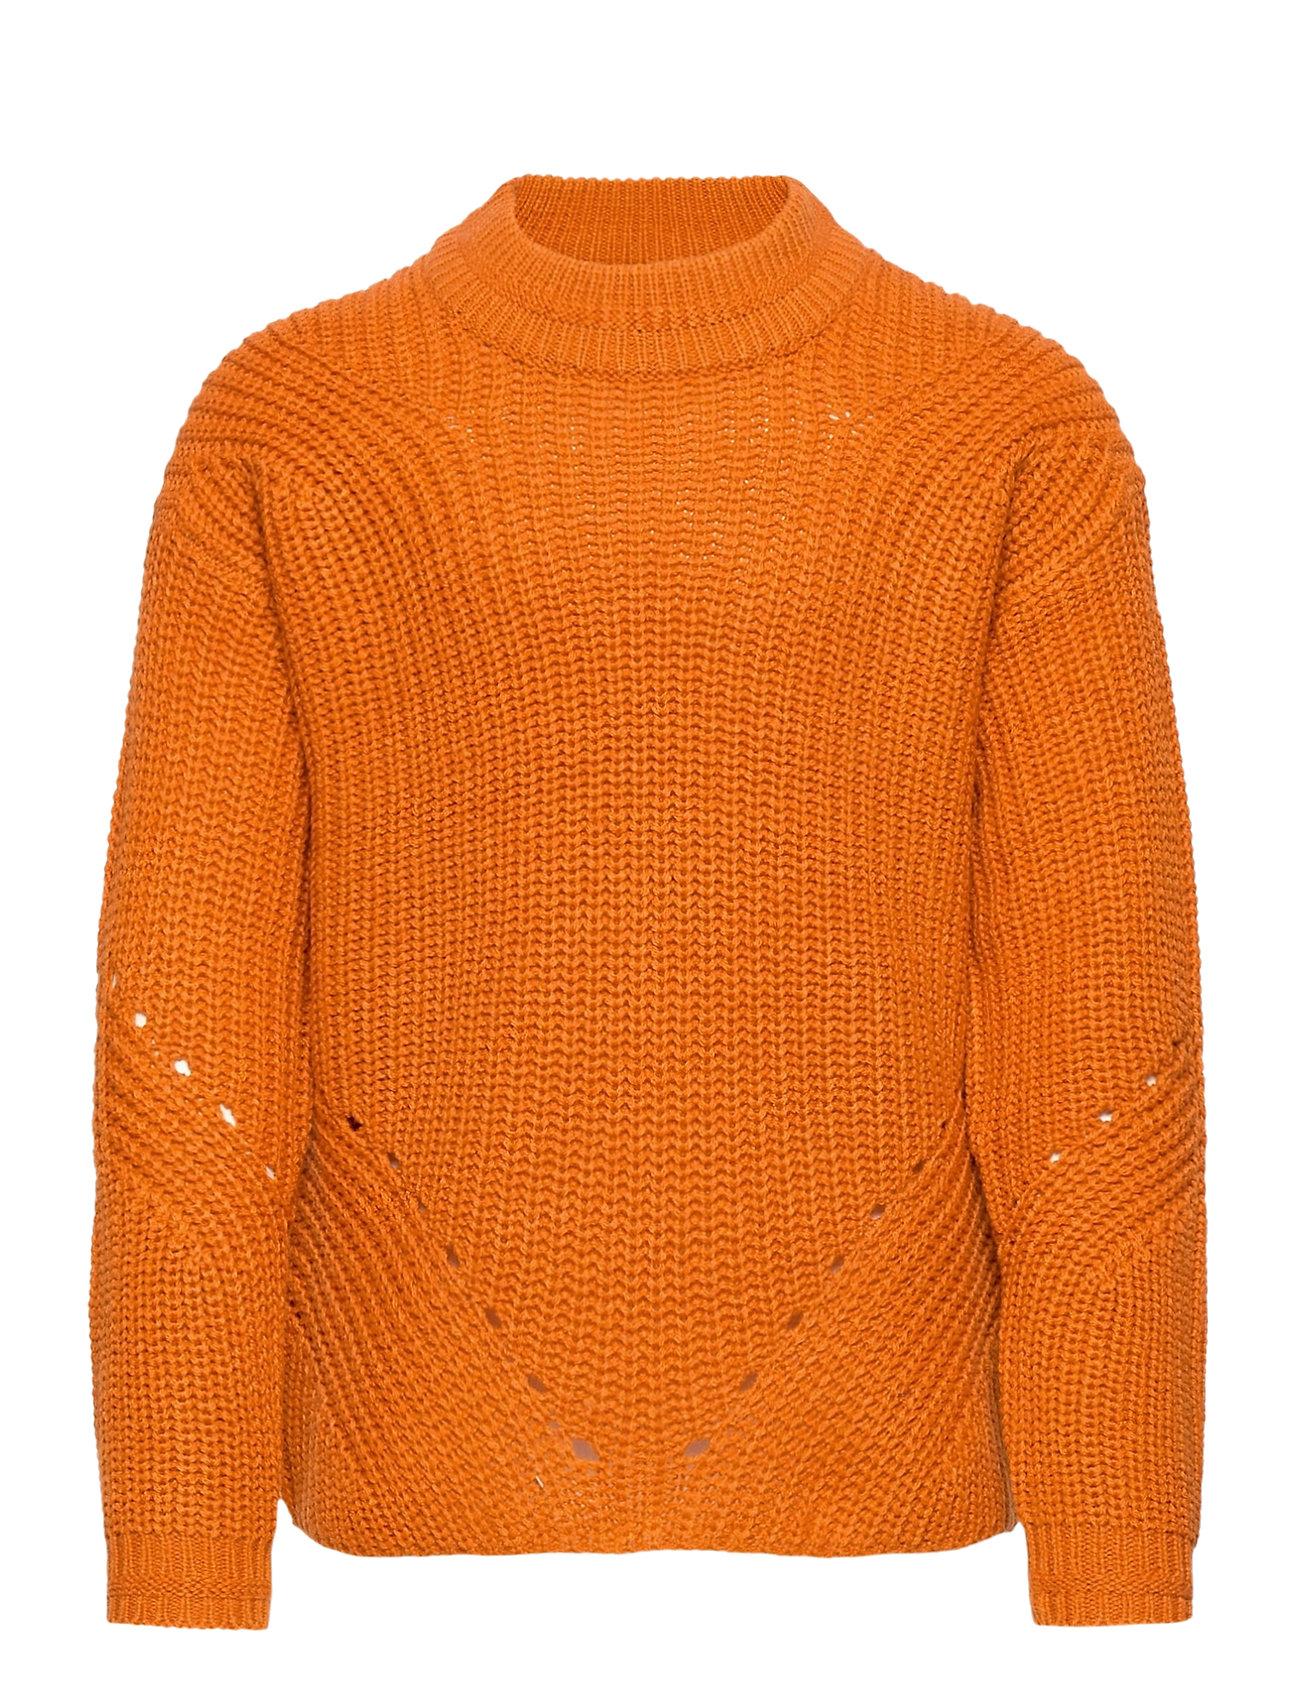 Image of Konriley L/S Pullover Knt Pullover Striktrøje Orange Kids Only (3458925881)